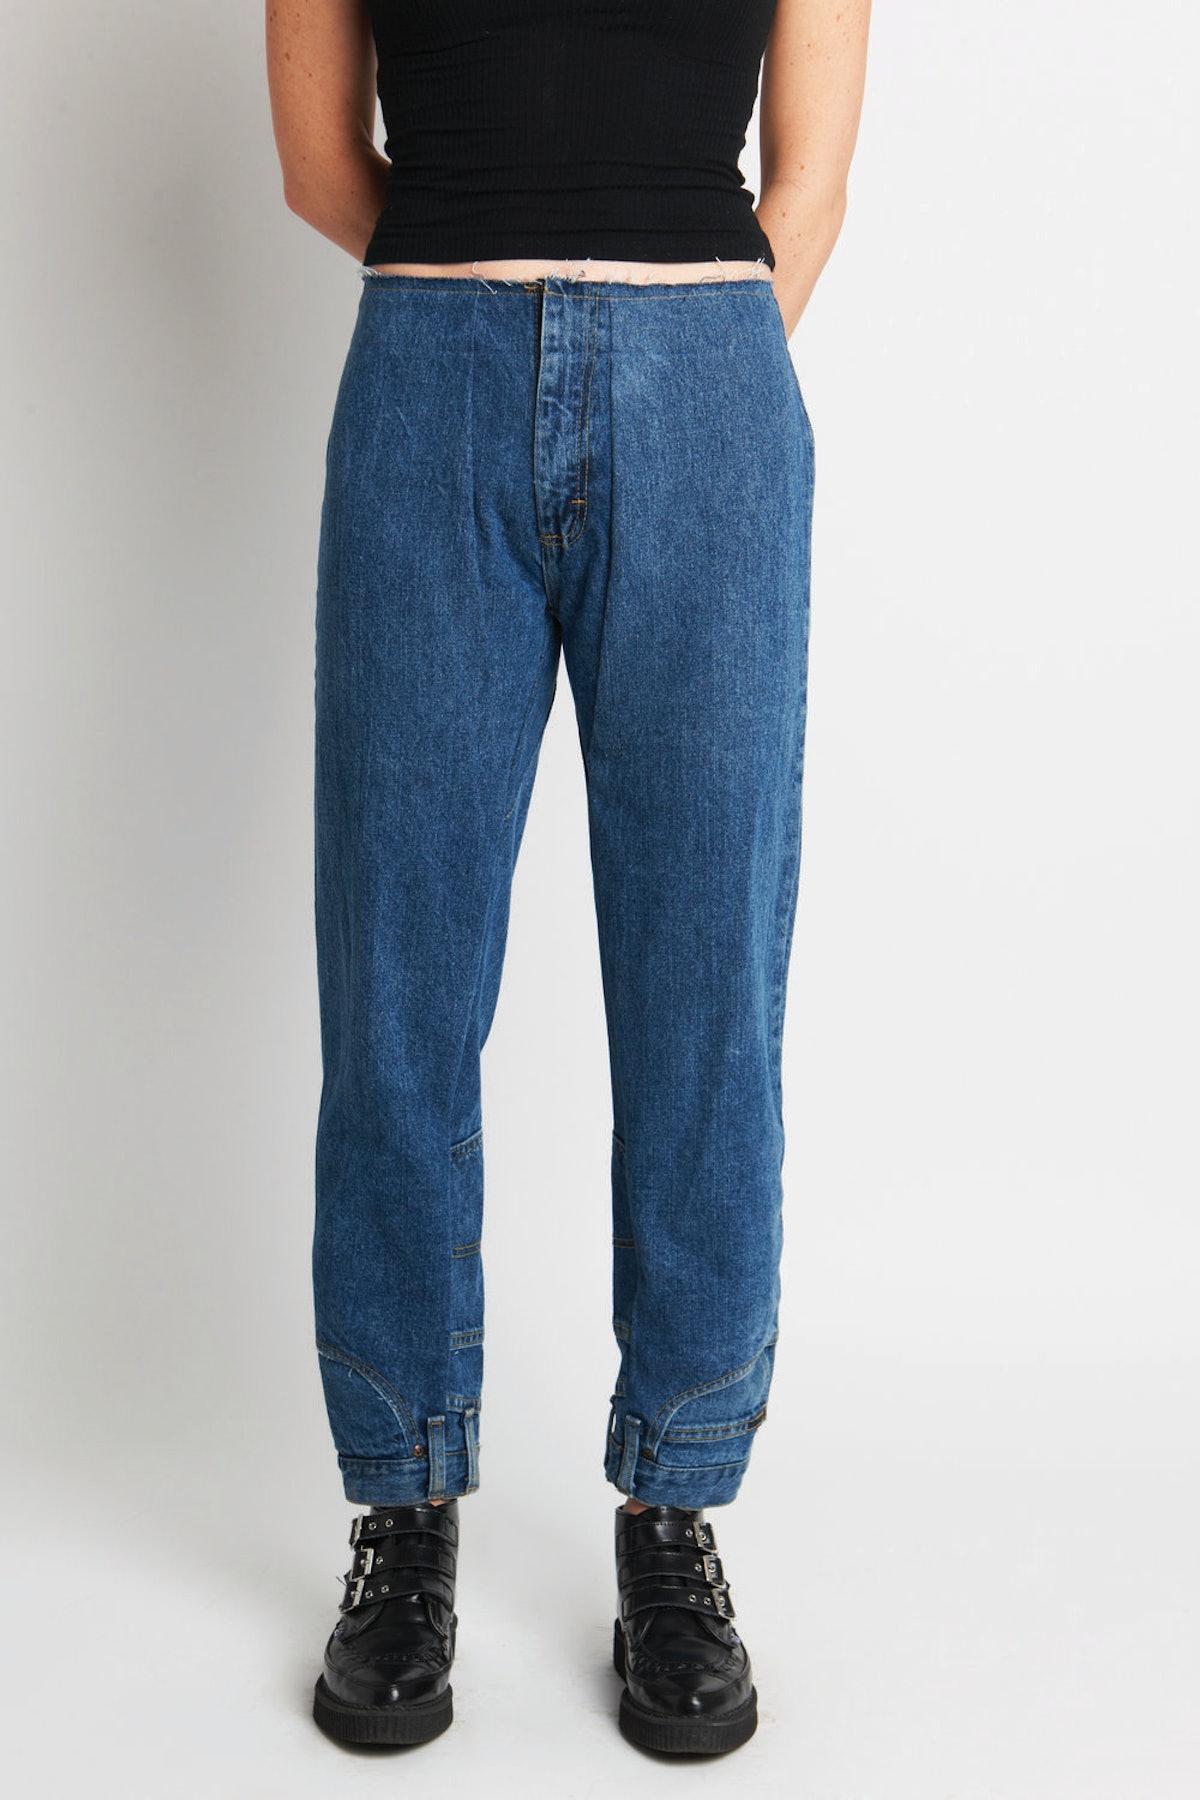 Lucas Jeans